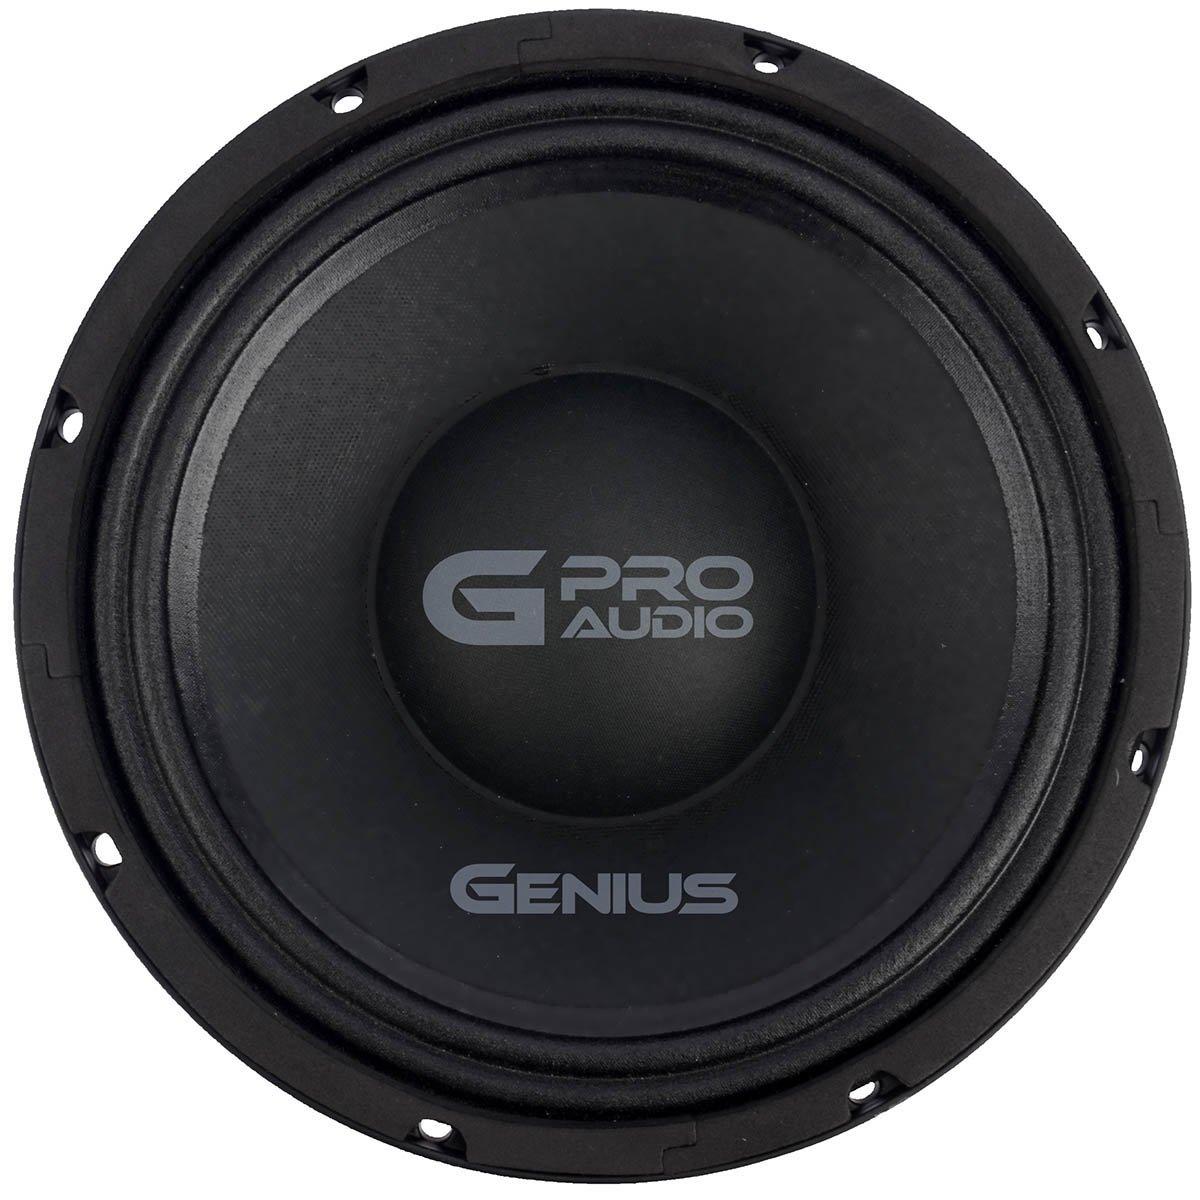 Genius GPRO-M0910 10'' 700 Watts-Max Professional Midbass Car Audio Speaker 4-Ohms Aluminum Basket